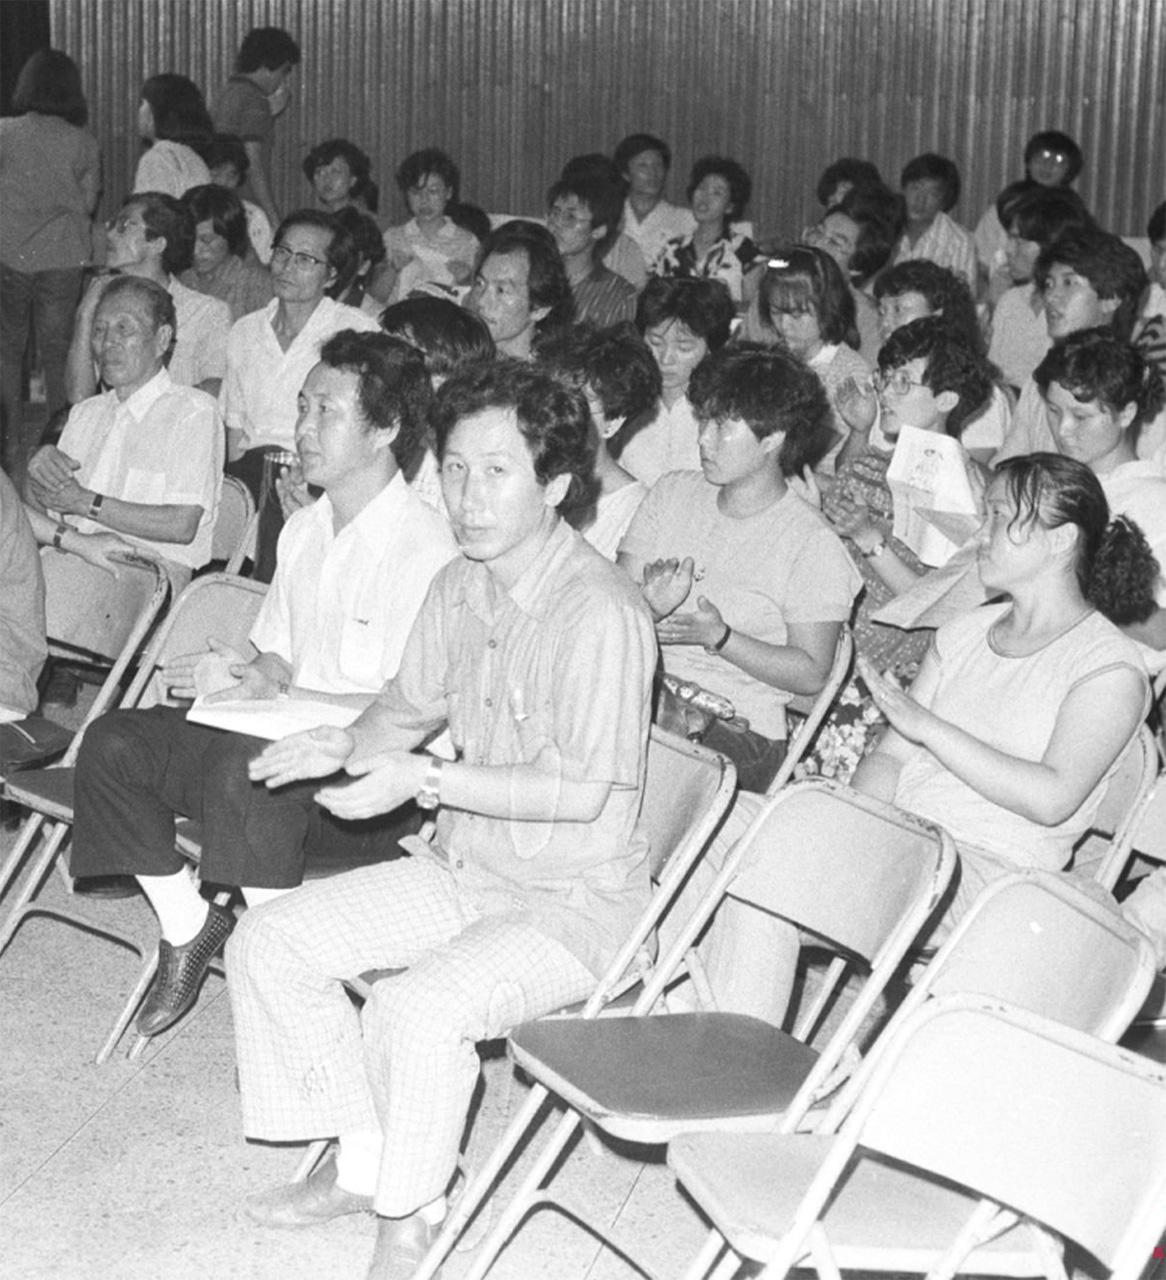 1984년 8월, 흥사단에서 열린 '전두환 방일 반대'를 겸한 민청련 8·15 집회에서 나란히 자리한 최민화와 김근태. 김근태 바로 뒷자리는 부인  인재근.